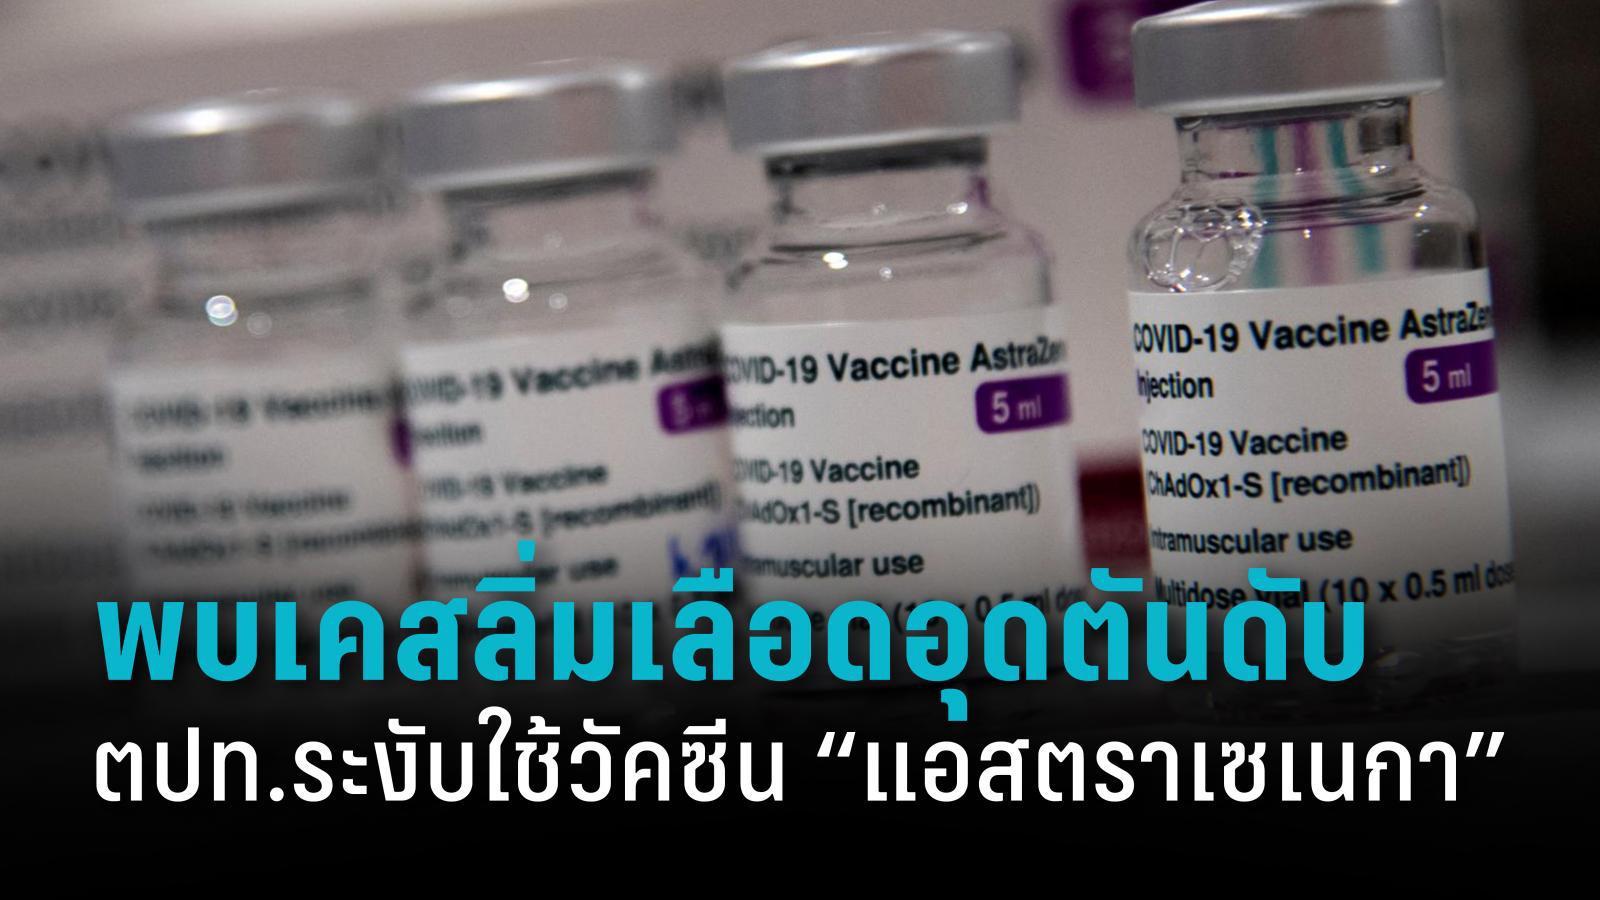 9 ประเทศยุโรประงับใช้วัคซีนโควิด-19 แอสตราเซเนกา หลังพบเคสลิ่มเลือดอุดตัน